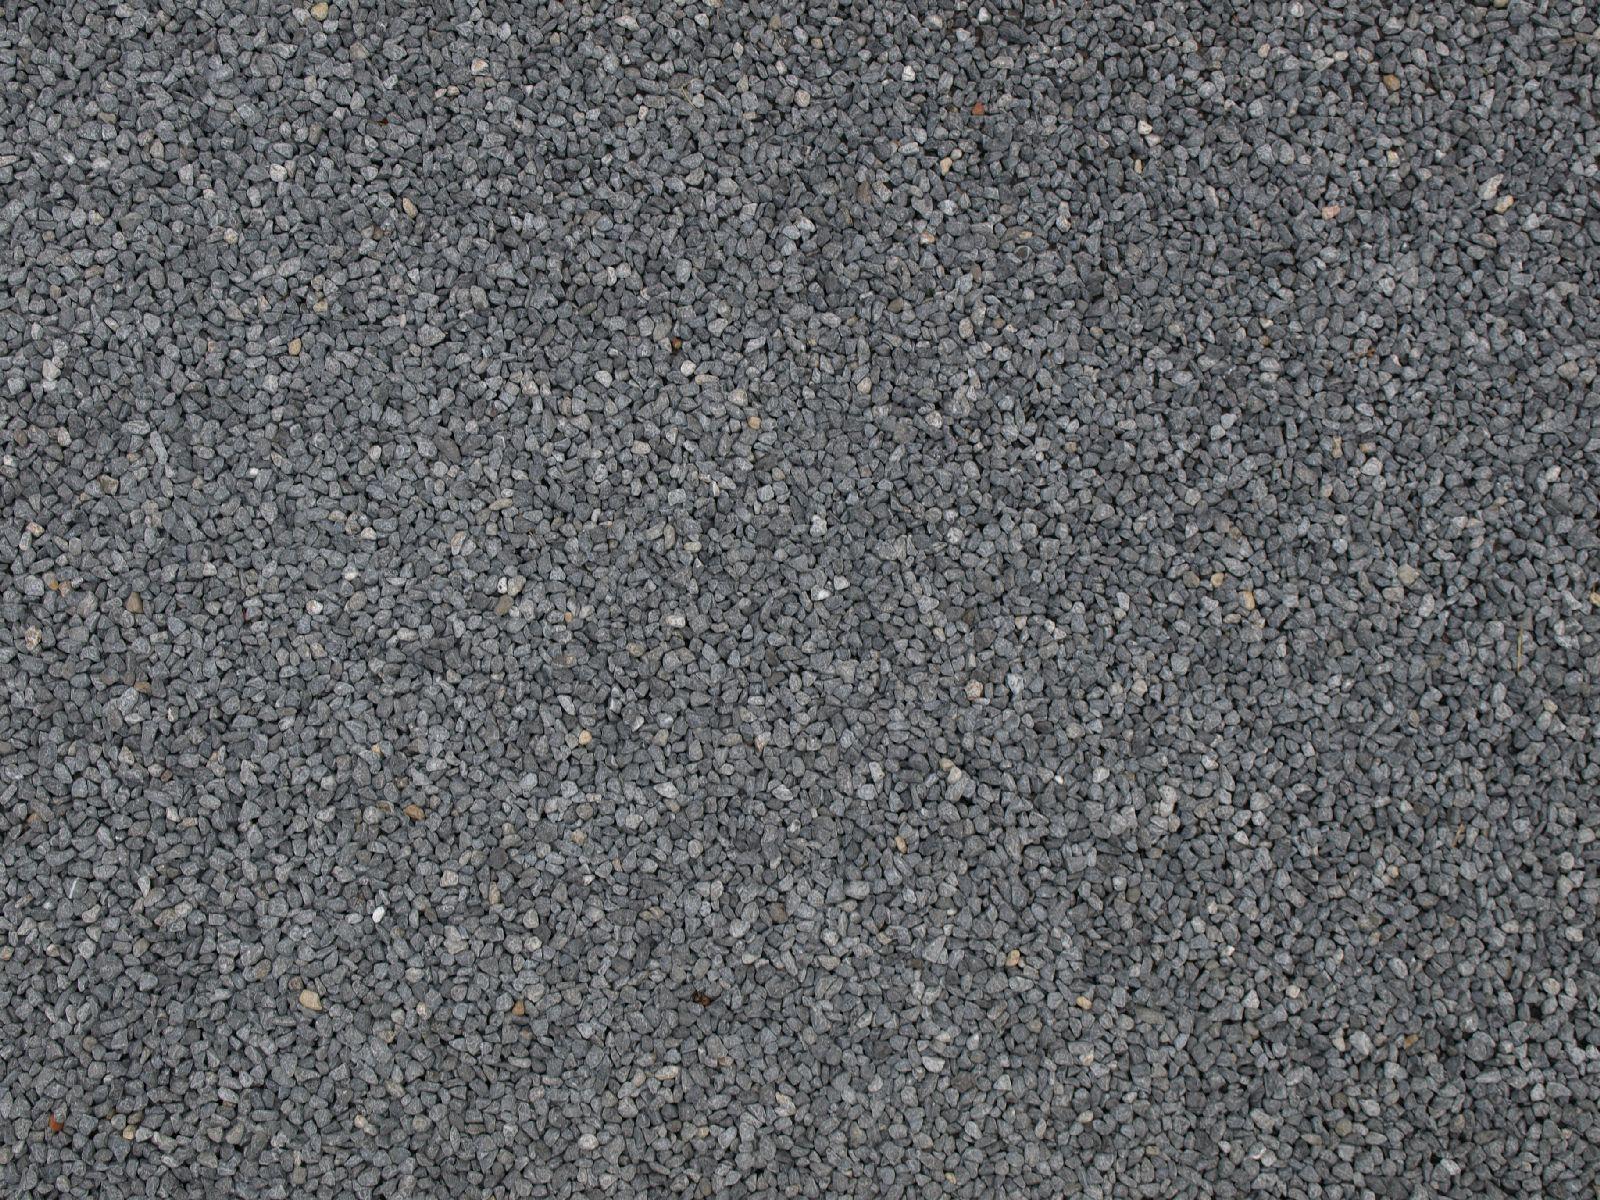 Ground-Urban_Texture_A_P6083335